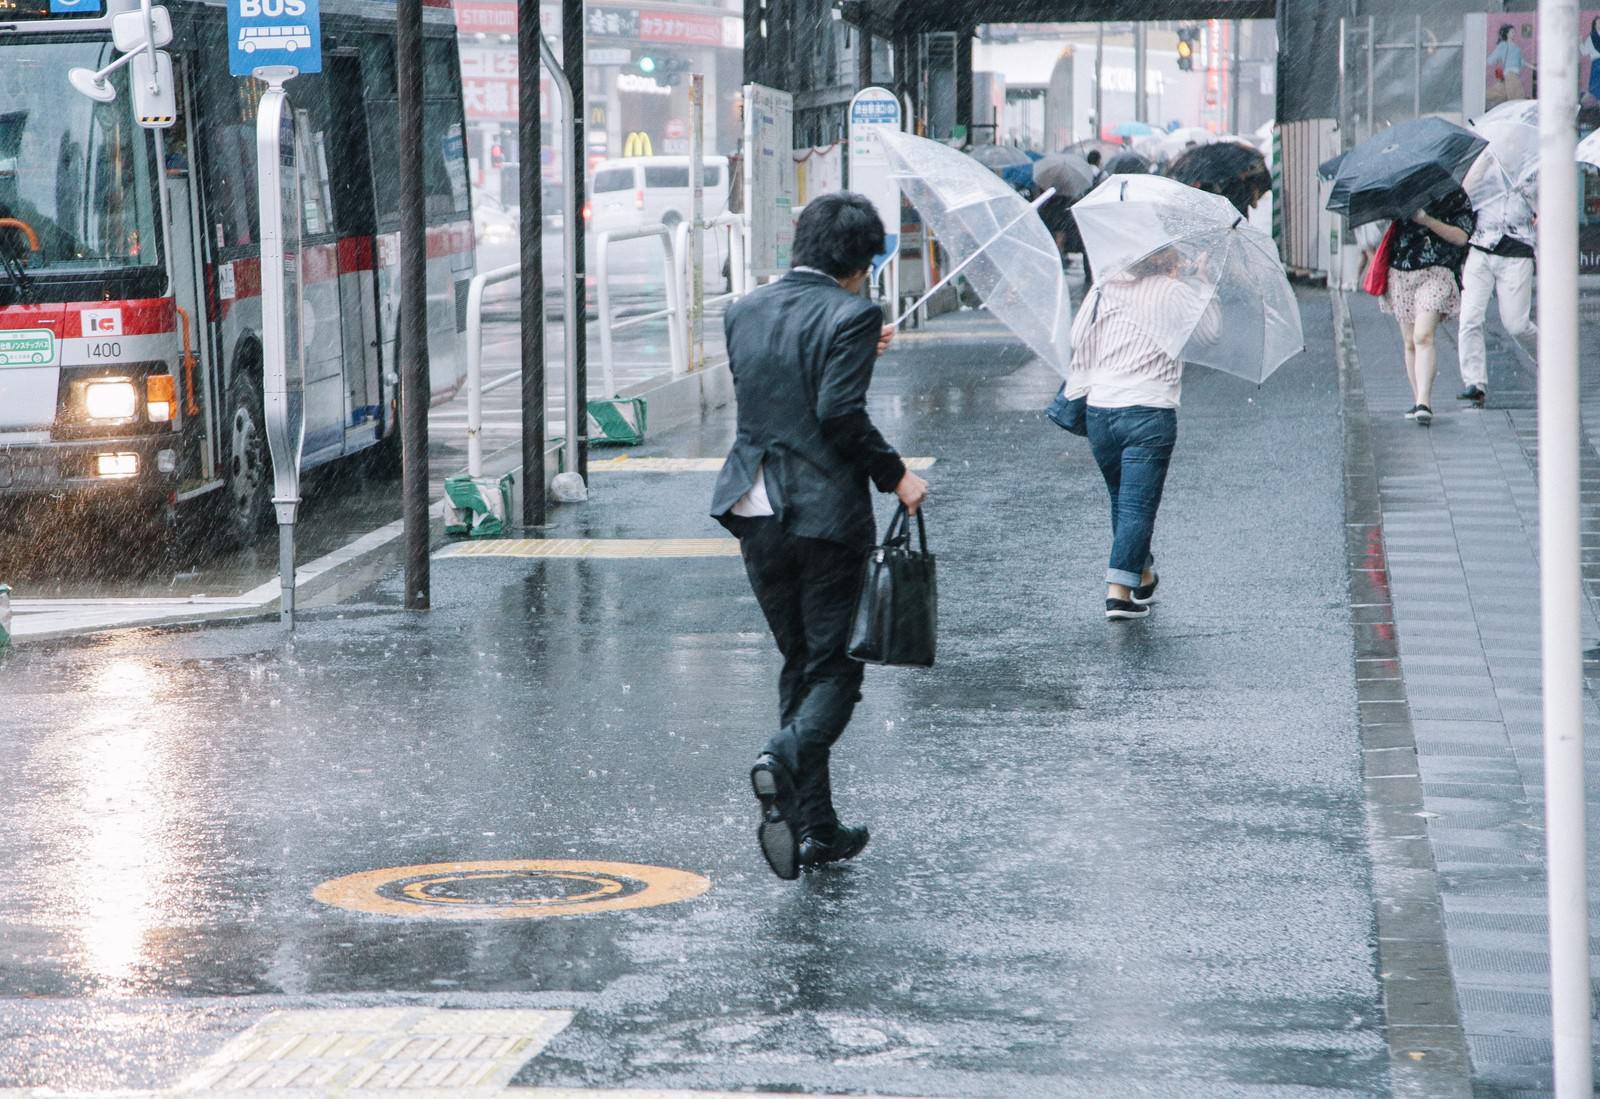 「大雨と強風の中、出社する社畜ビジネスマン(びしょ濡れ)大雨と強風の中、出社する社畜ビジネスマン(びしょ濡れ)」のフリー写真素材を拡大